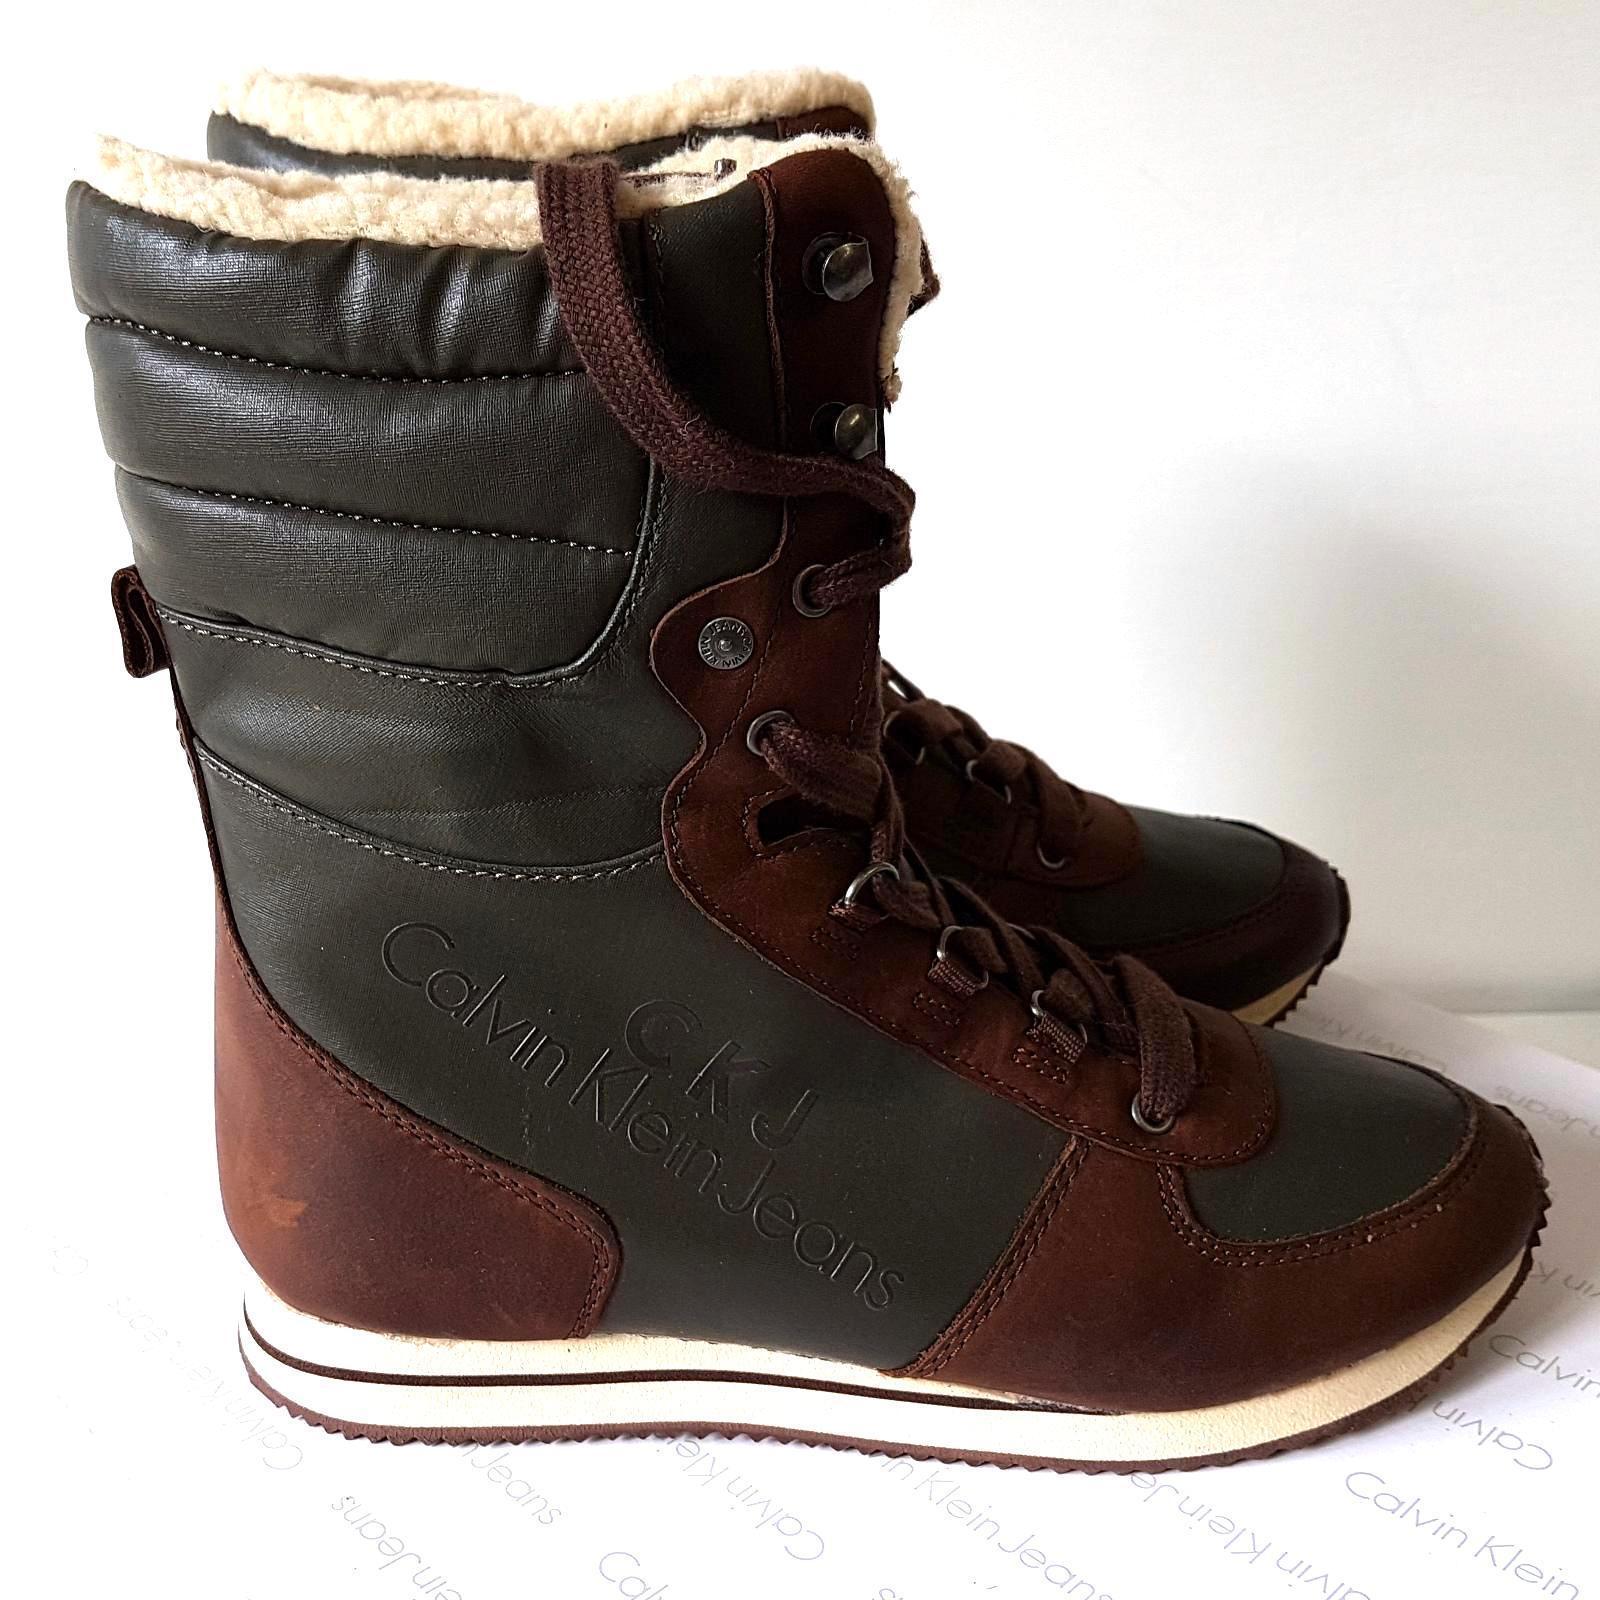 Zapatos especiales con descuento CALVIN KLEIN Jeans Stivaletto Donna tg EU 40 scarponcino Waterproof Sconto 50%